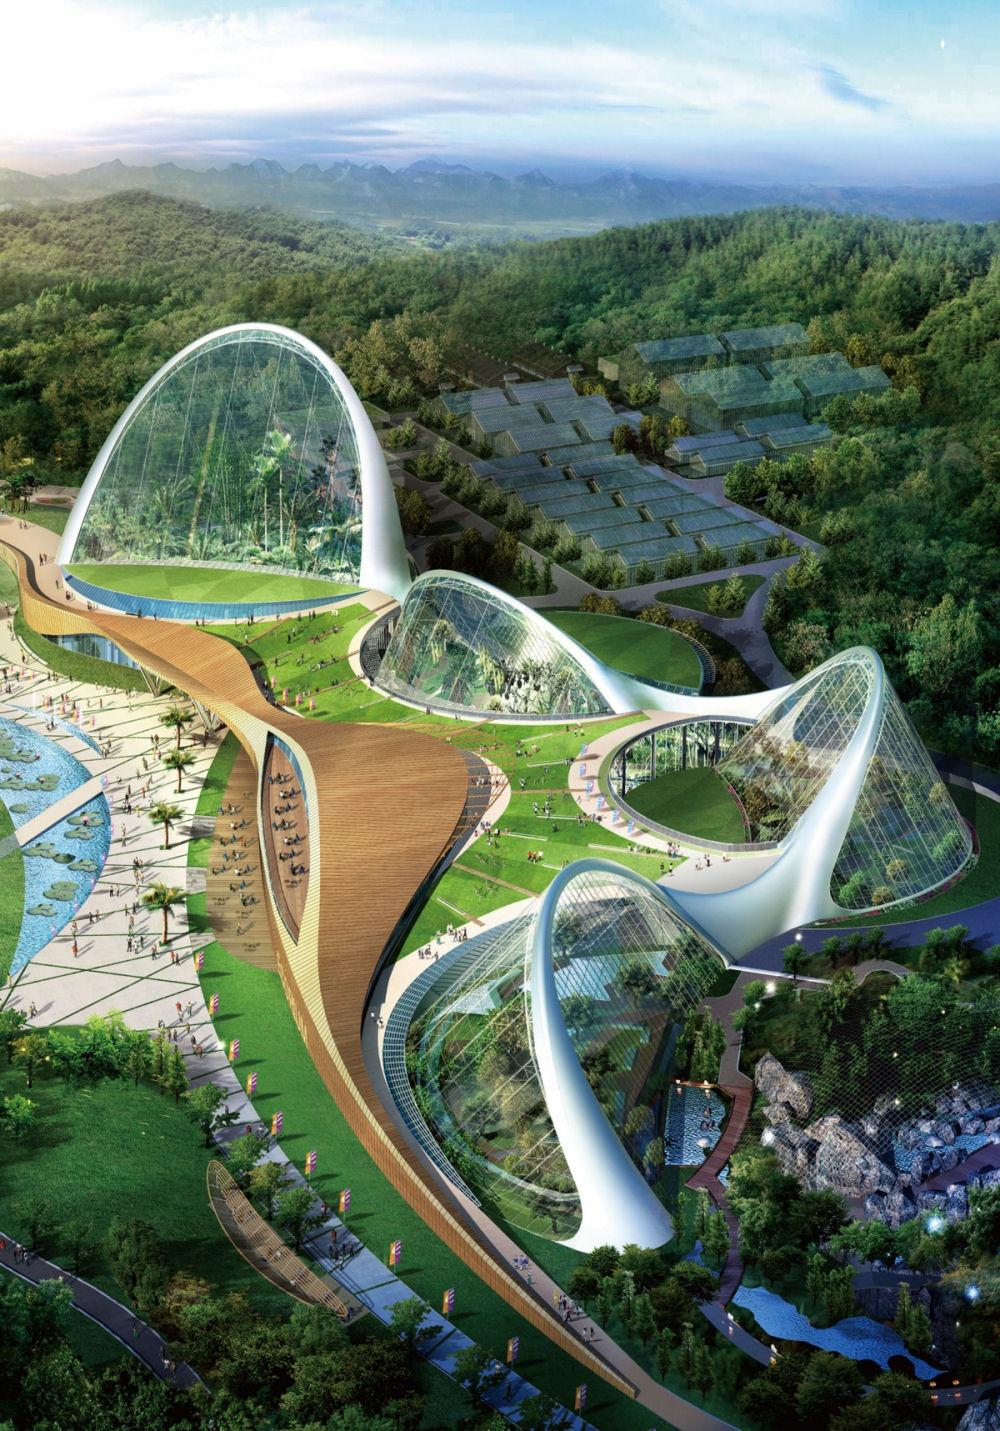 Созданный поинициативе Национального экологического института Южной Кореи комплекс раскинулся на33